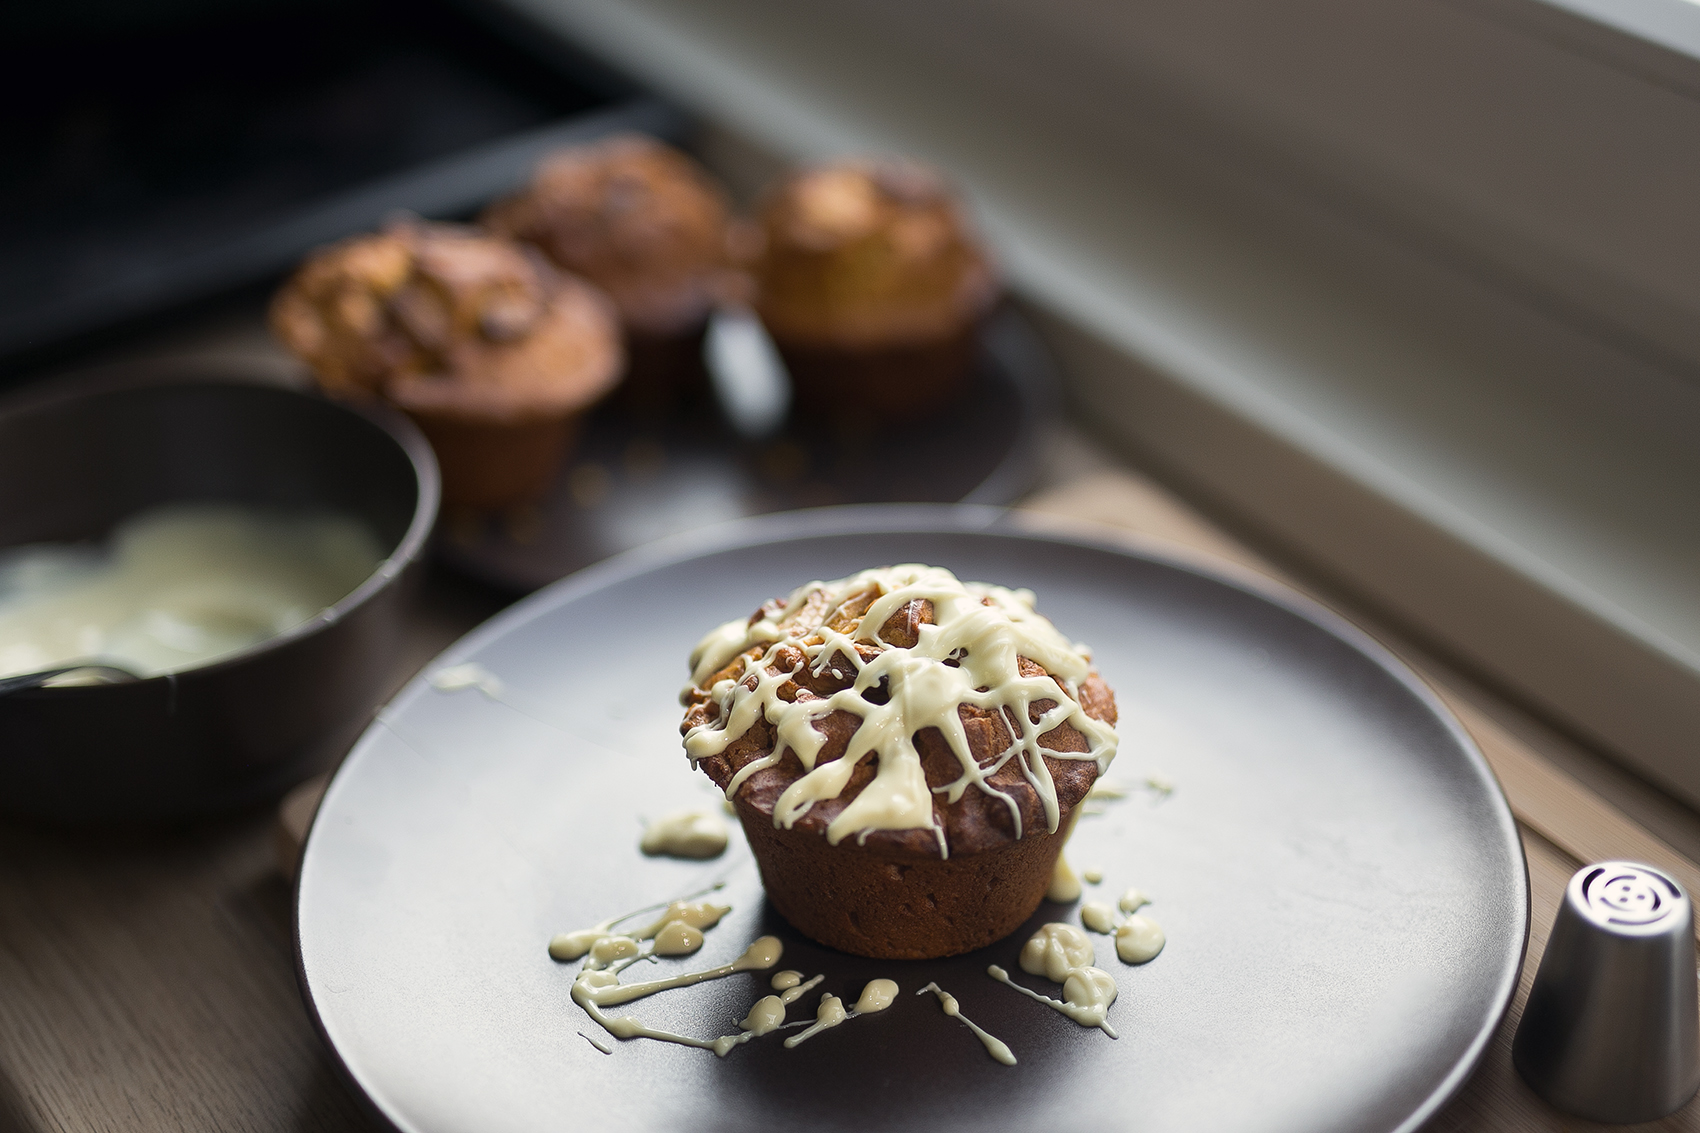 Kürbis Muffins mit weißer Schokolade und Walnüssen